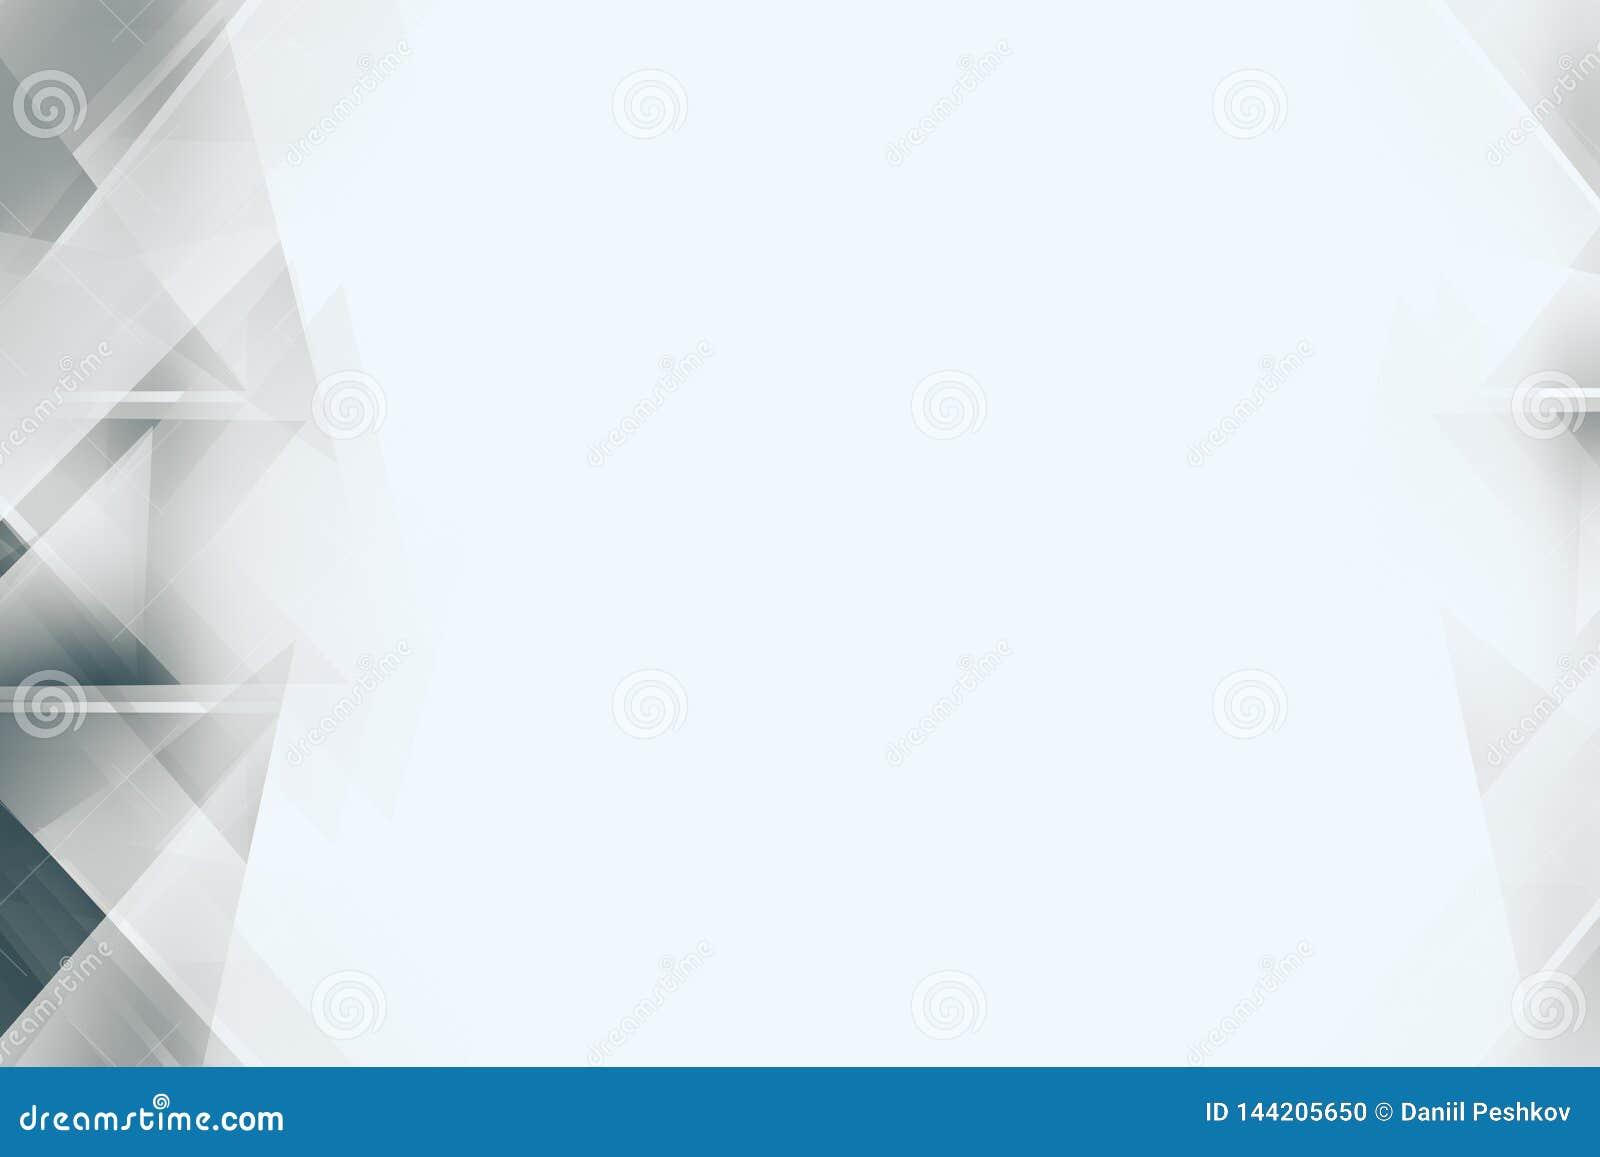 Digital white backdrop